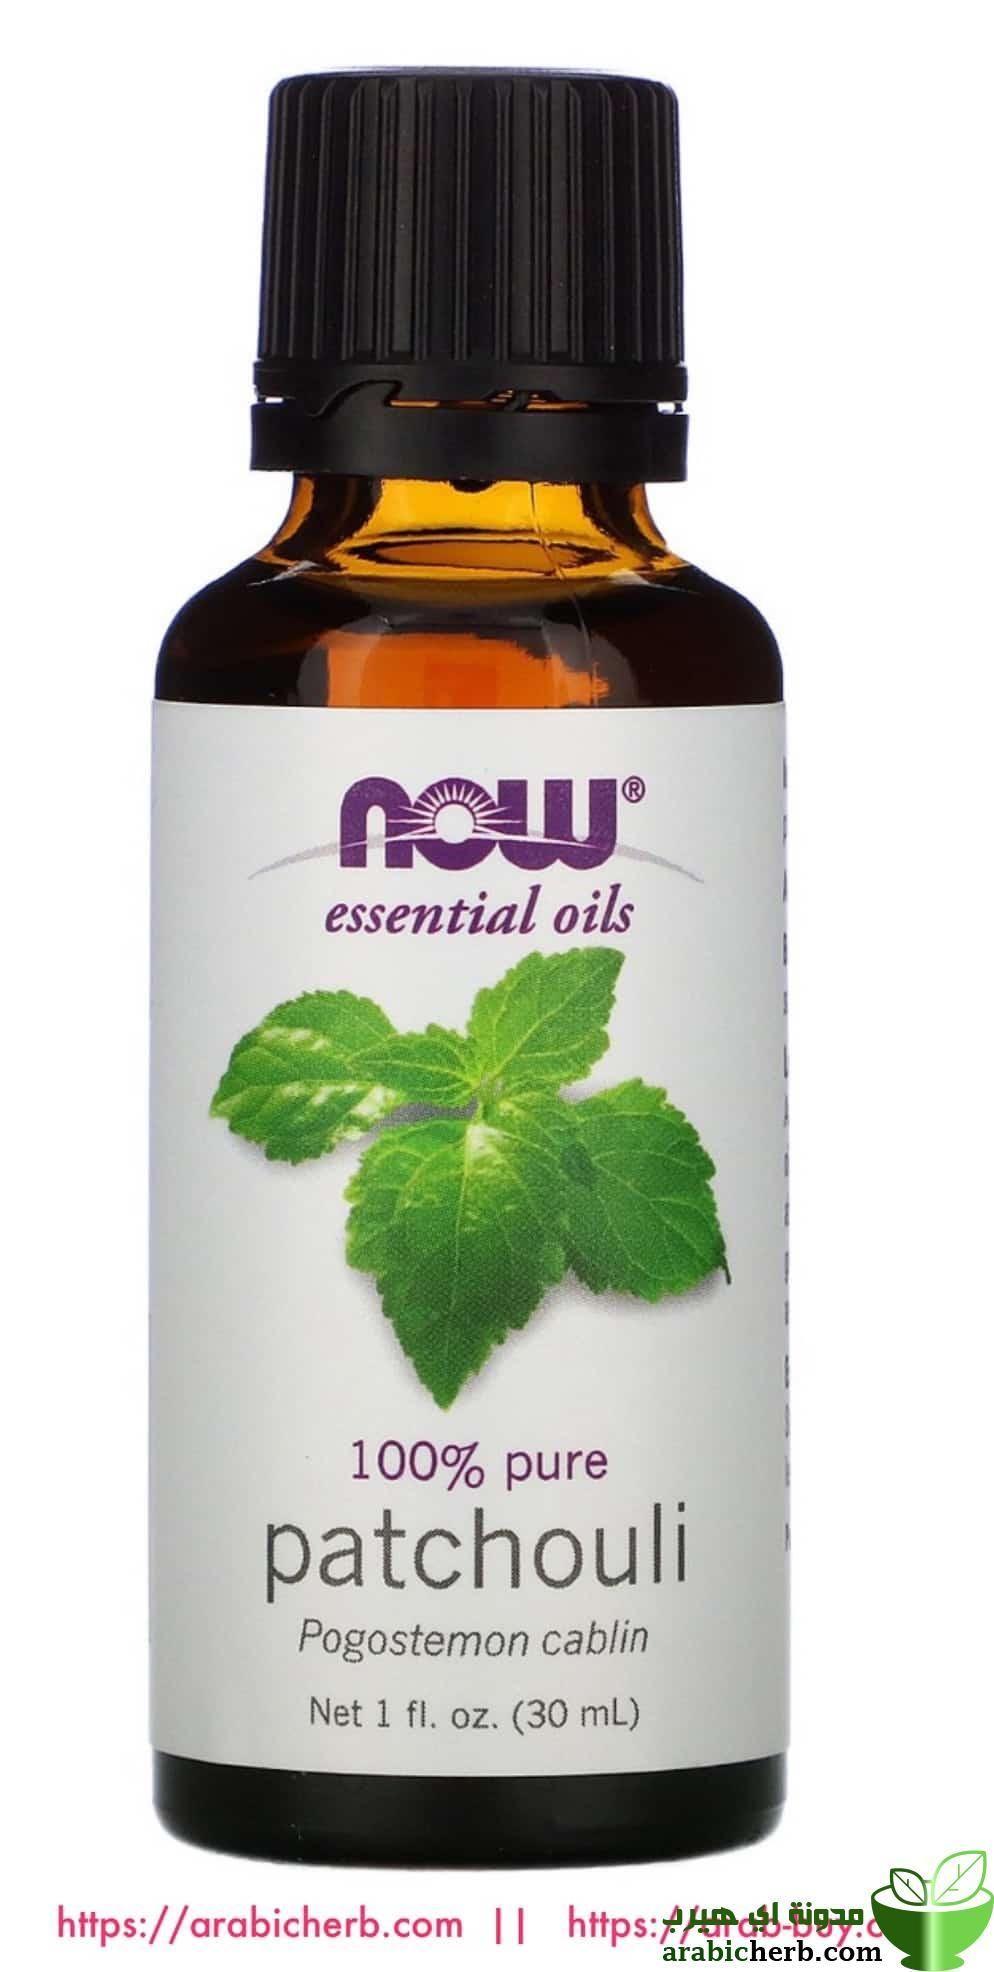 مدونة اي هيرب بالعربي الزيوت العطرية والنقية والاصلية من اي هيرب In 2020 Oils Pure Products Essential Oils